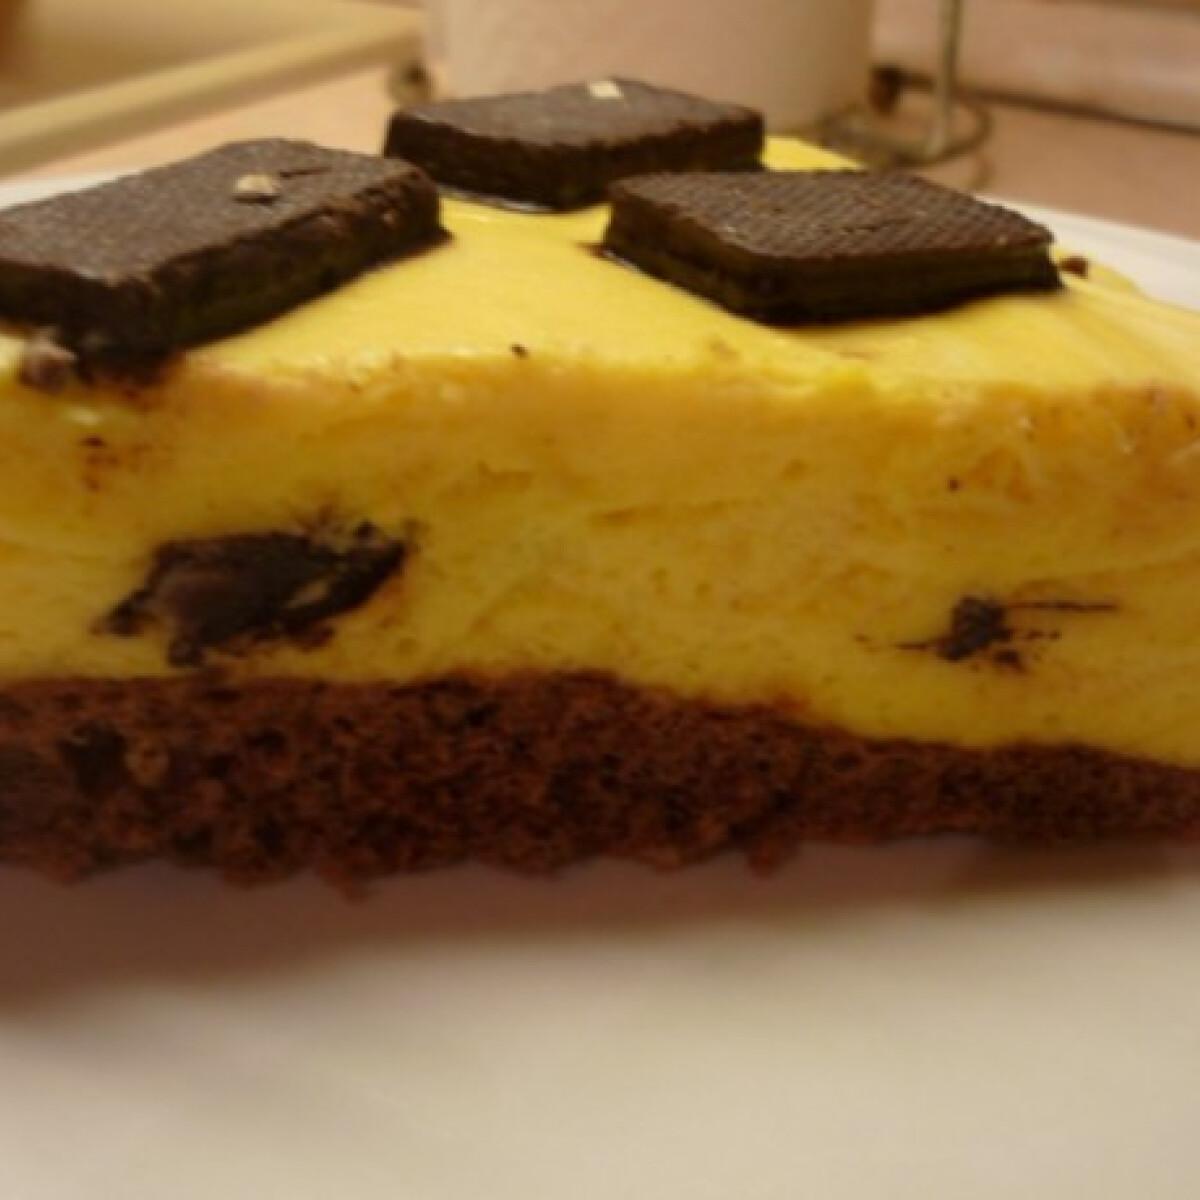 Ezen a képen: Főzött krémes-nápolyis-piskótás süti